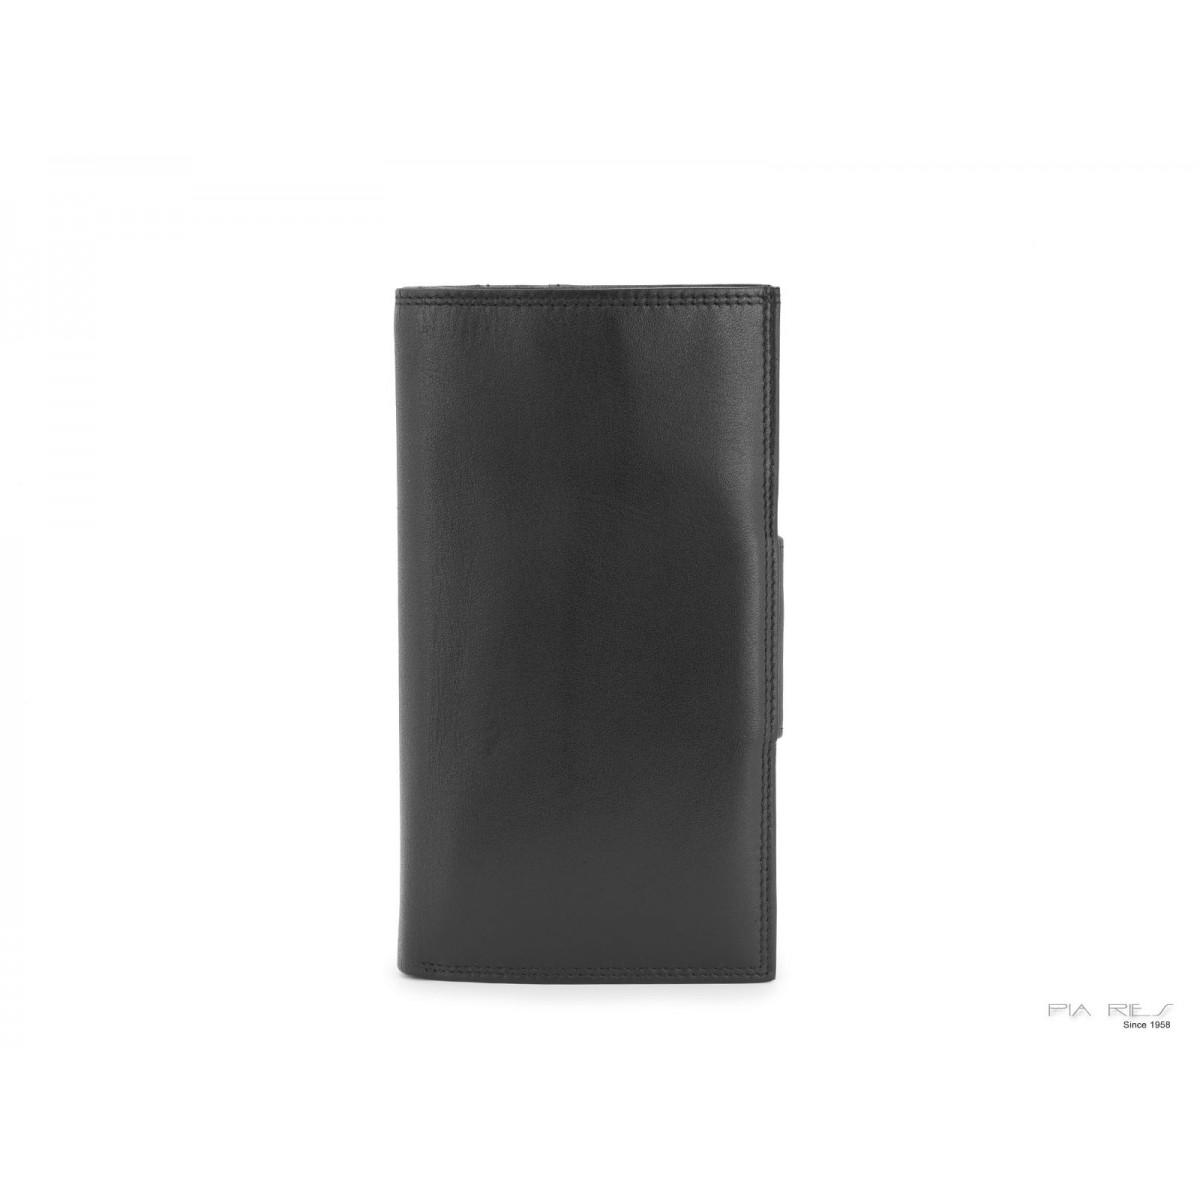 Tegnebog til inderlommen-36